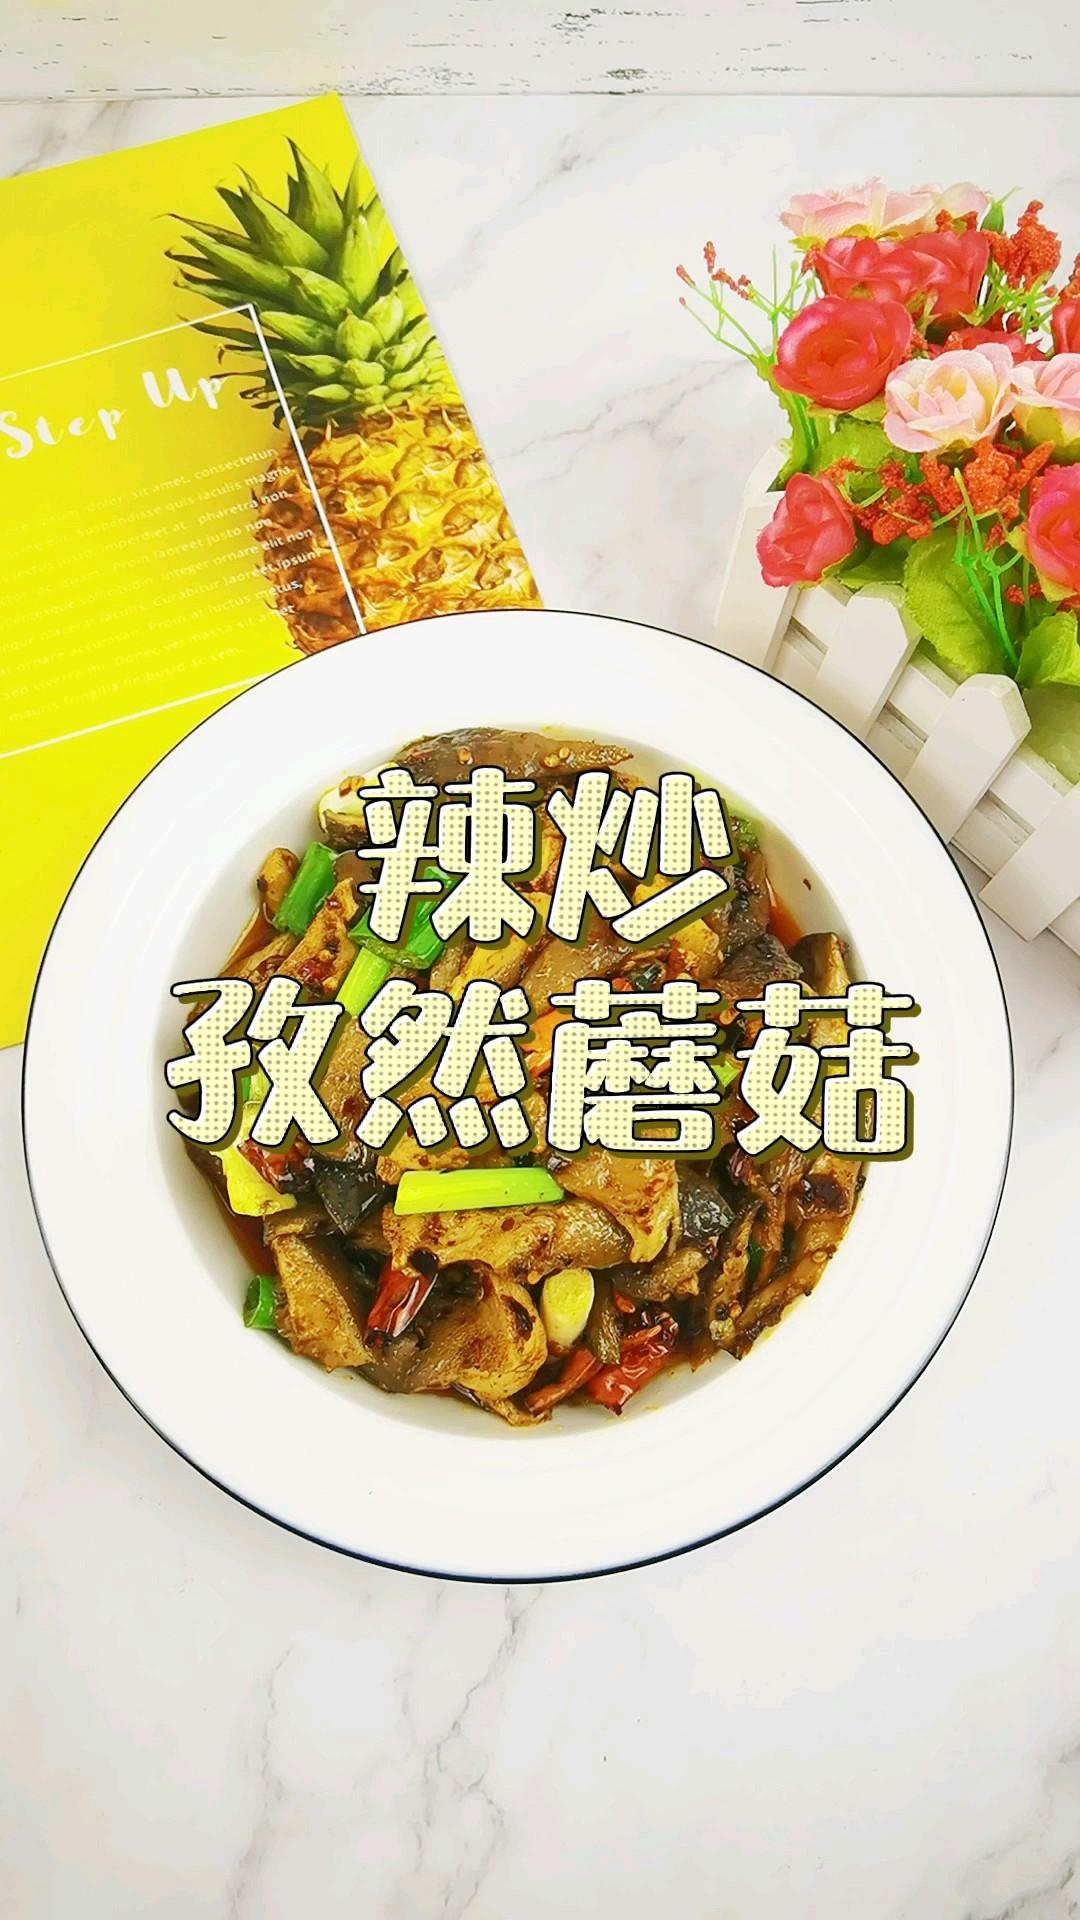 蘑菇新吃法-滑嫩鲜香辣炒孜然蘑菇,我竟然吃出了烤肉味